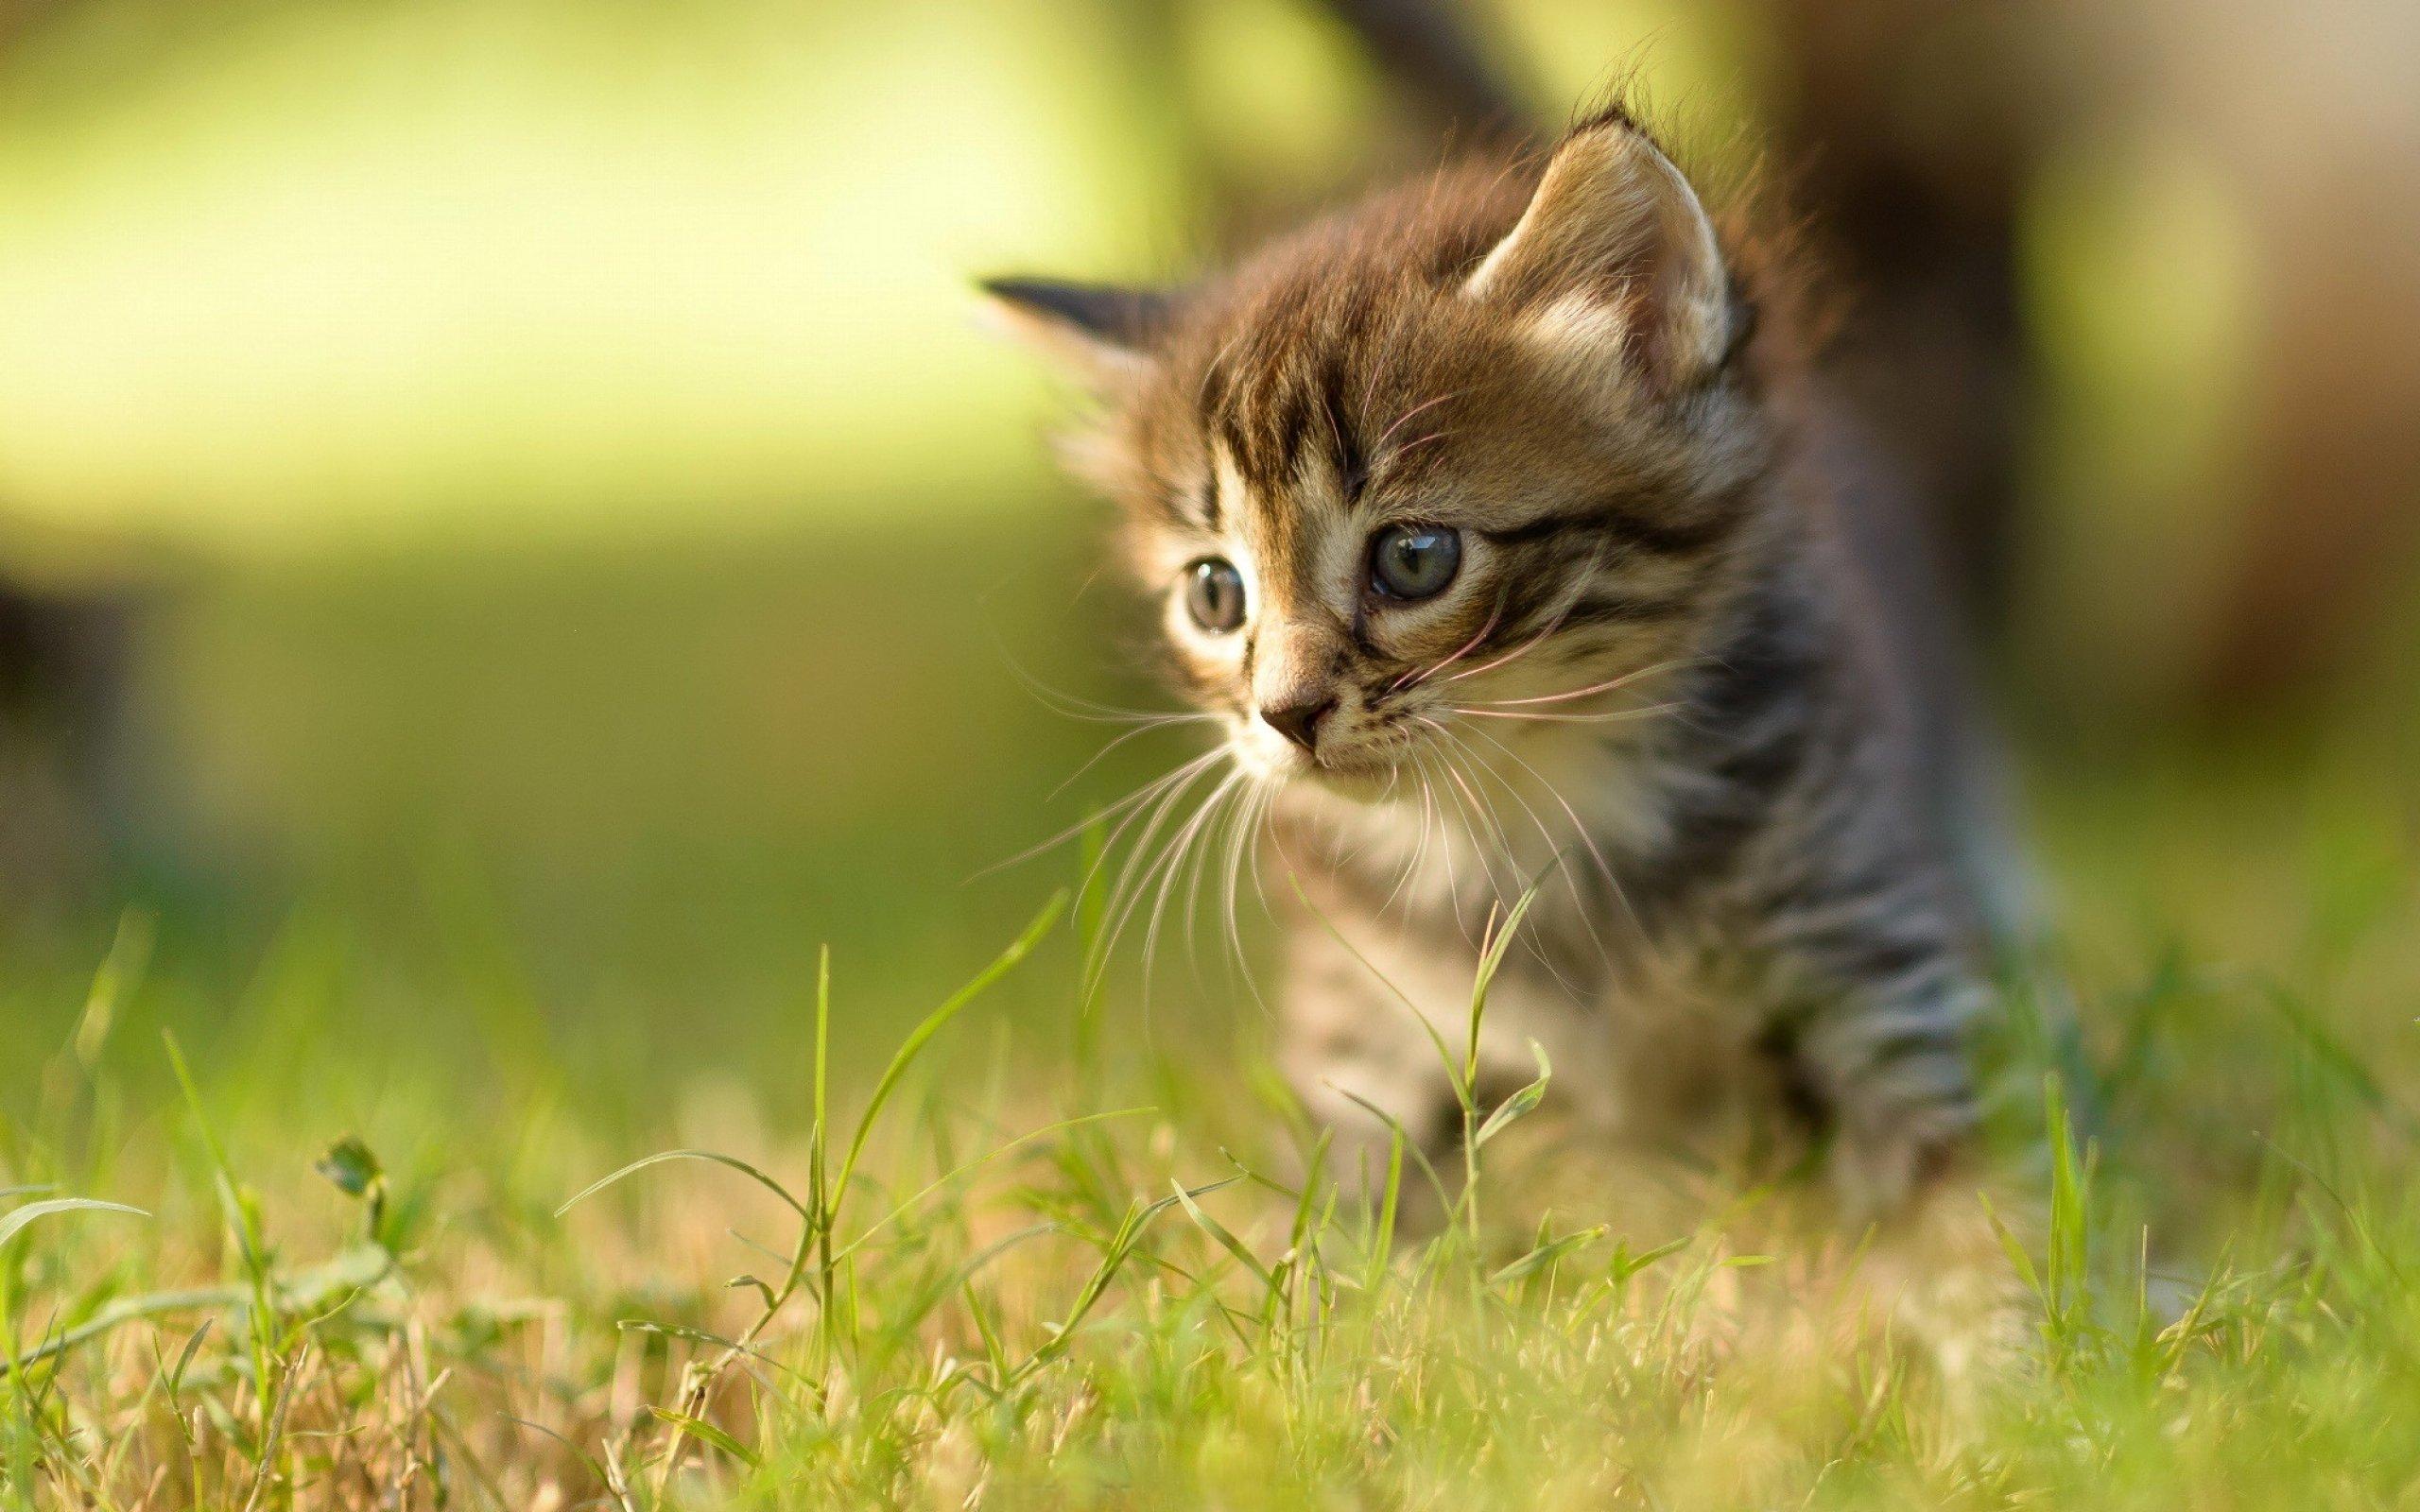 kittens kitten cat cats baby cute s wallpaper | 2560x1600 | 708282